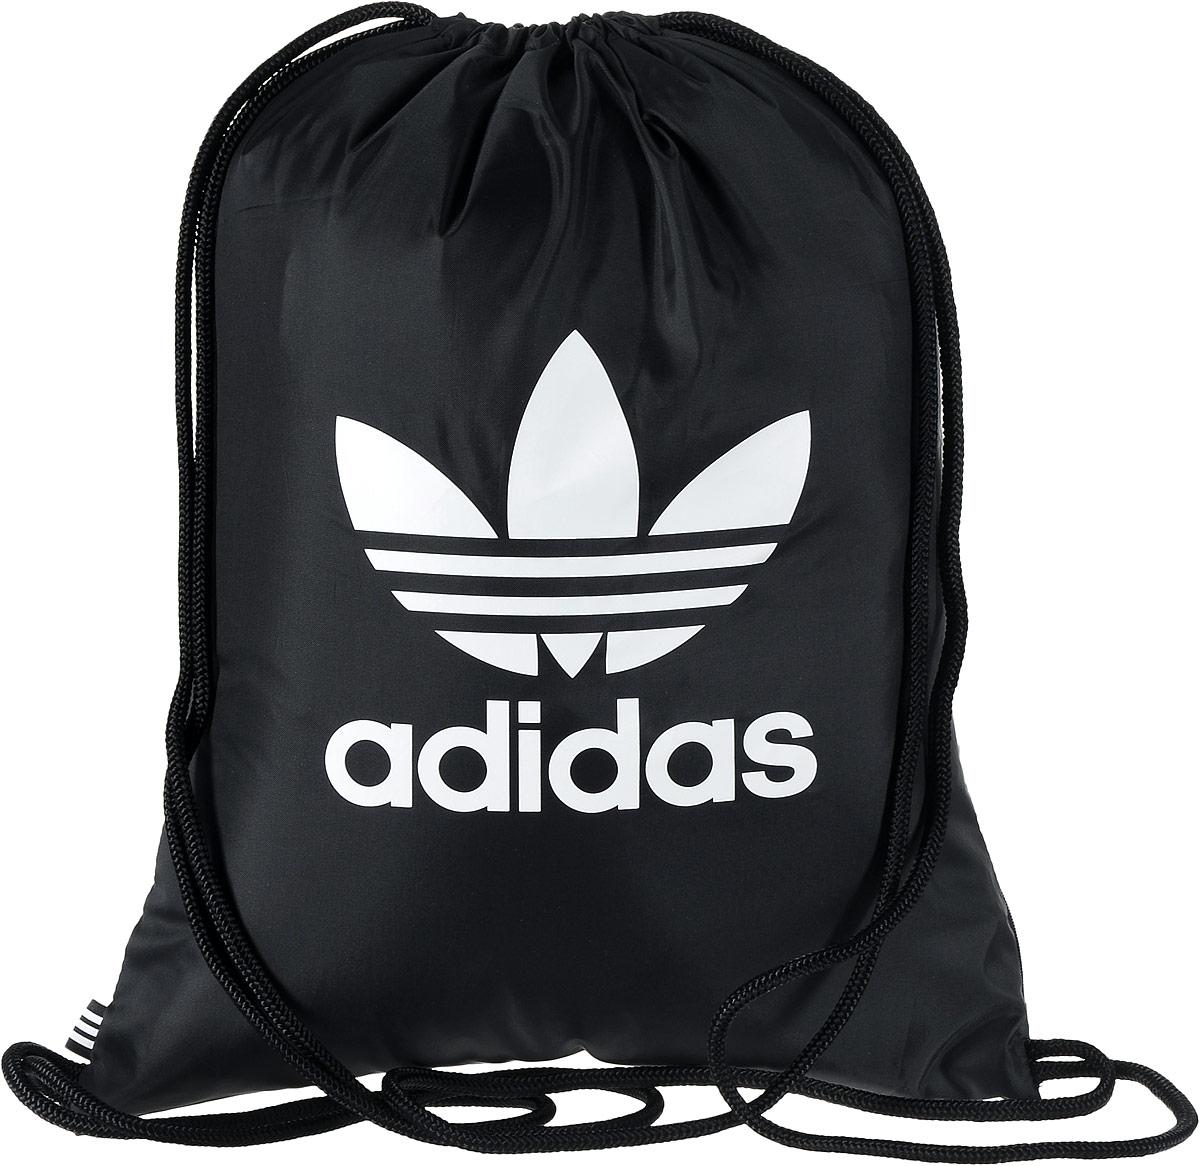 Рюкзак спортивный Adidas Trefoil, цвет: черный, 23 л. BK6726BK6726Стильный спортивный рюкзак Adidas Trefoil выполнен из полиэстера и оформлен символикой бренда. Изделие имеет одно основное отделение, которое закрывается с помощью затягивающего шнурка. С внутренней стороны изделие оснащено удобной ручкой для переноски. Снаружи, с одной из боковых сторон находится прорезной карман на застежке-молнии. Веревочные завязки можно использовать как наплечные лямки. Стильный и функциональный рюкзак поместит все необходимое.